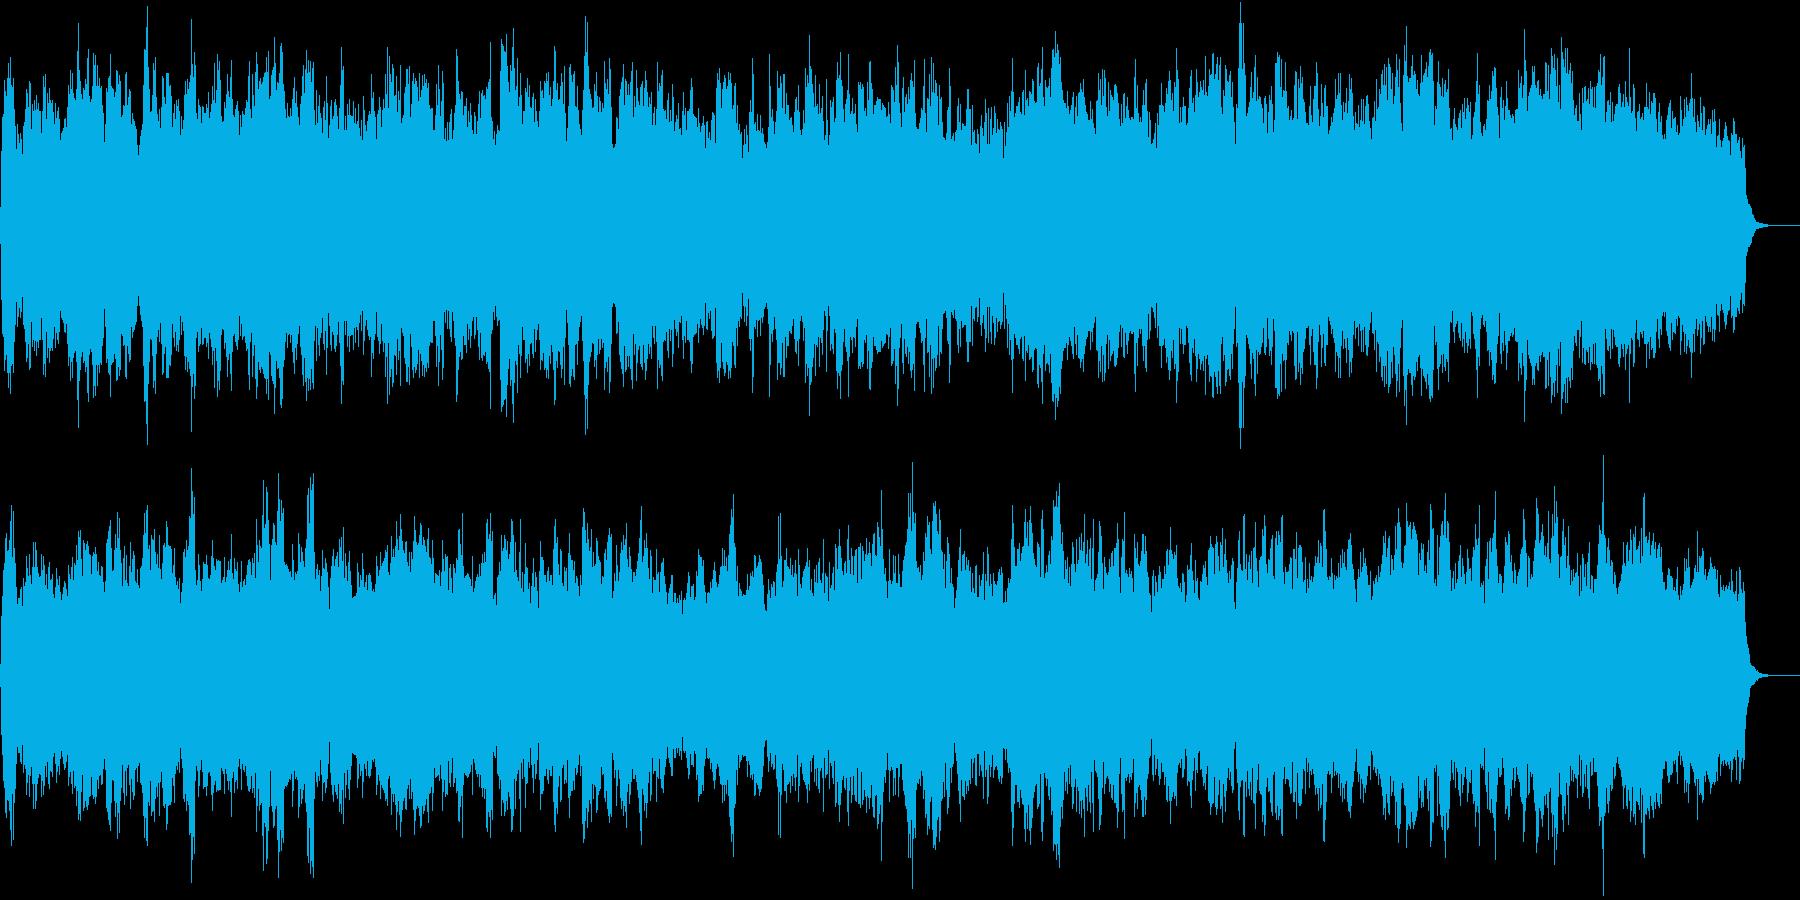 RPGのお城風のクラシカルなBGMの再生済みの波形